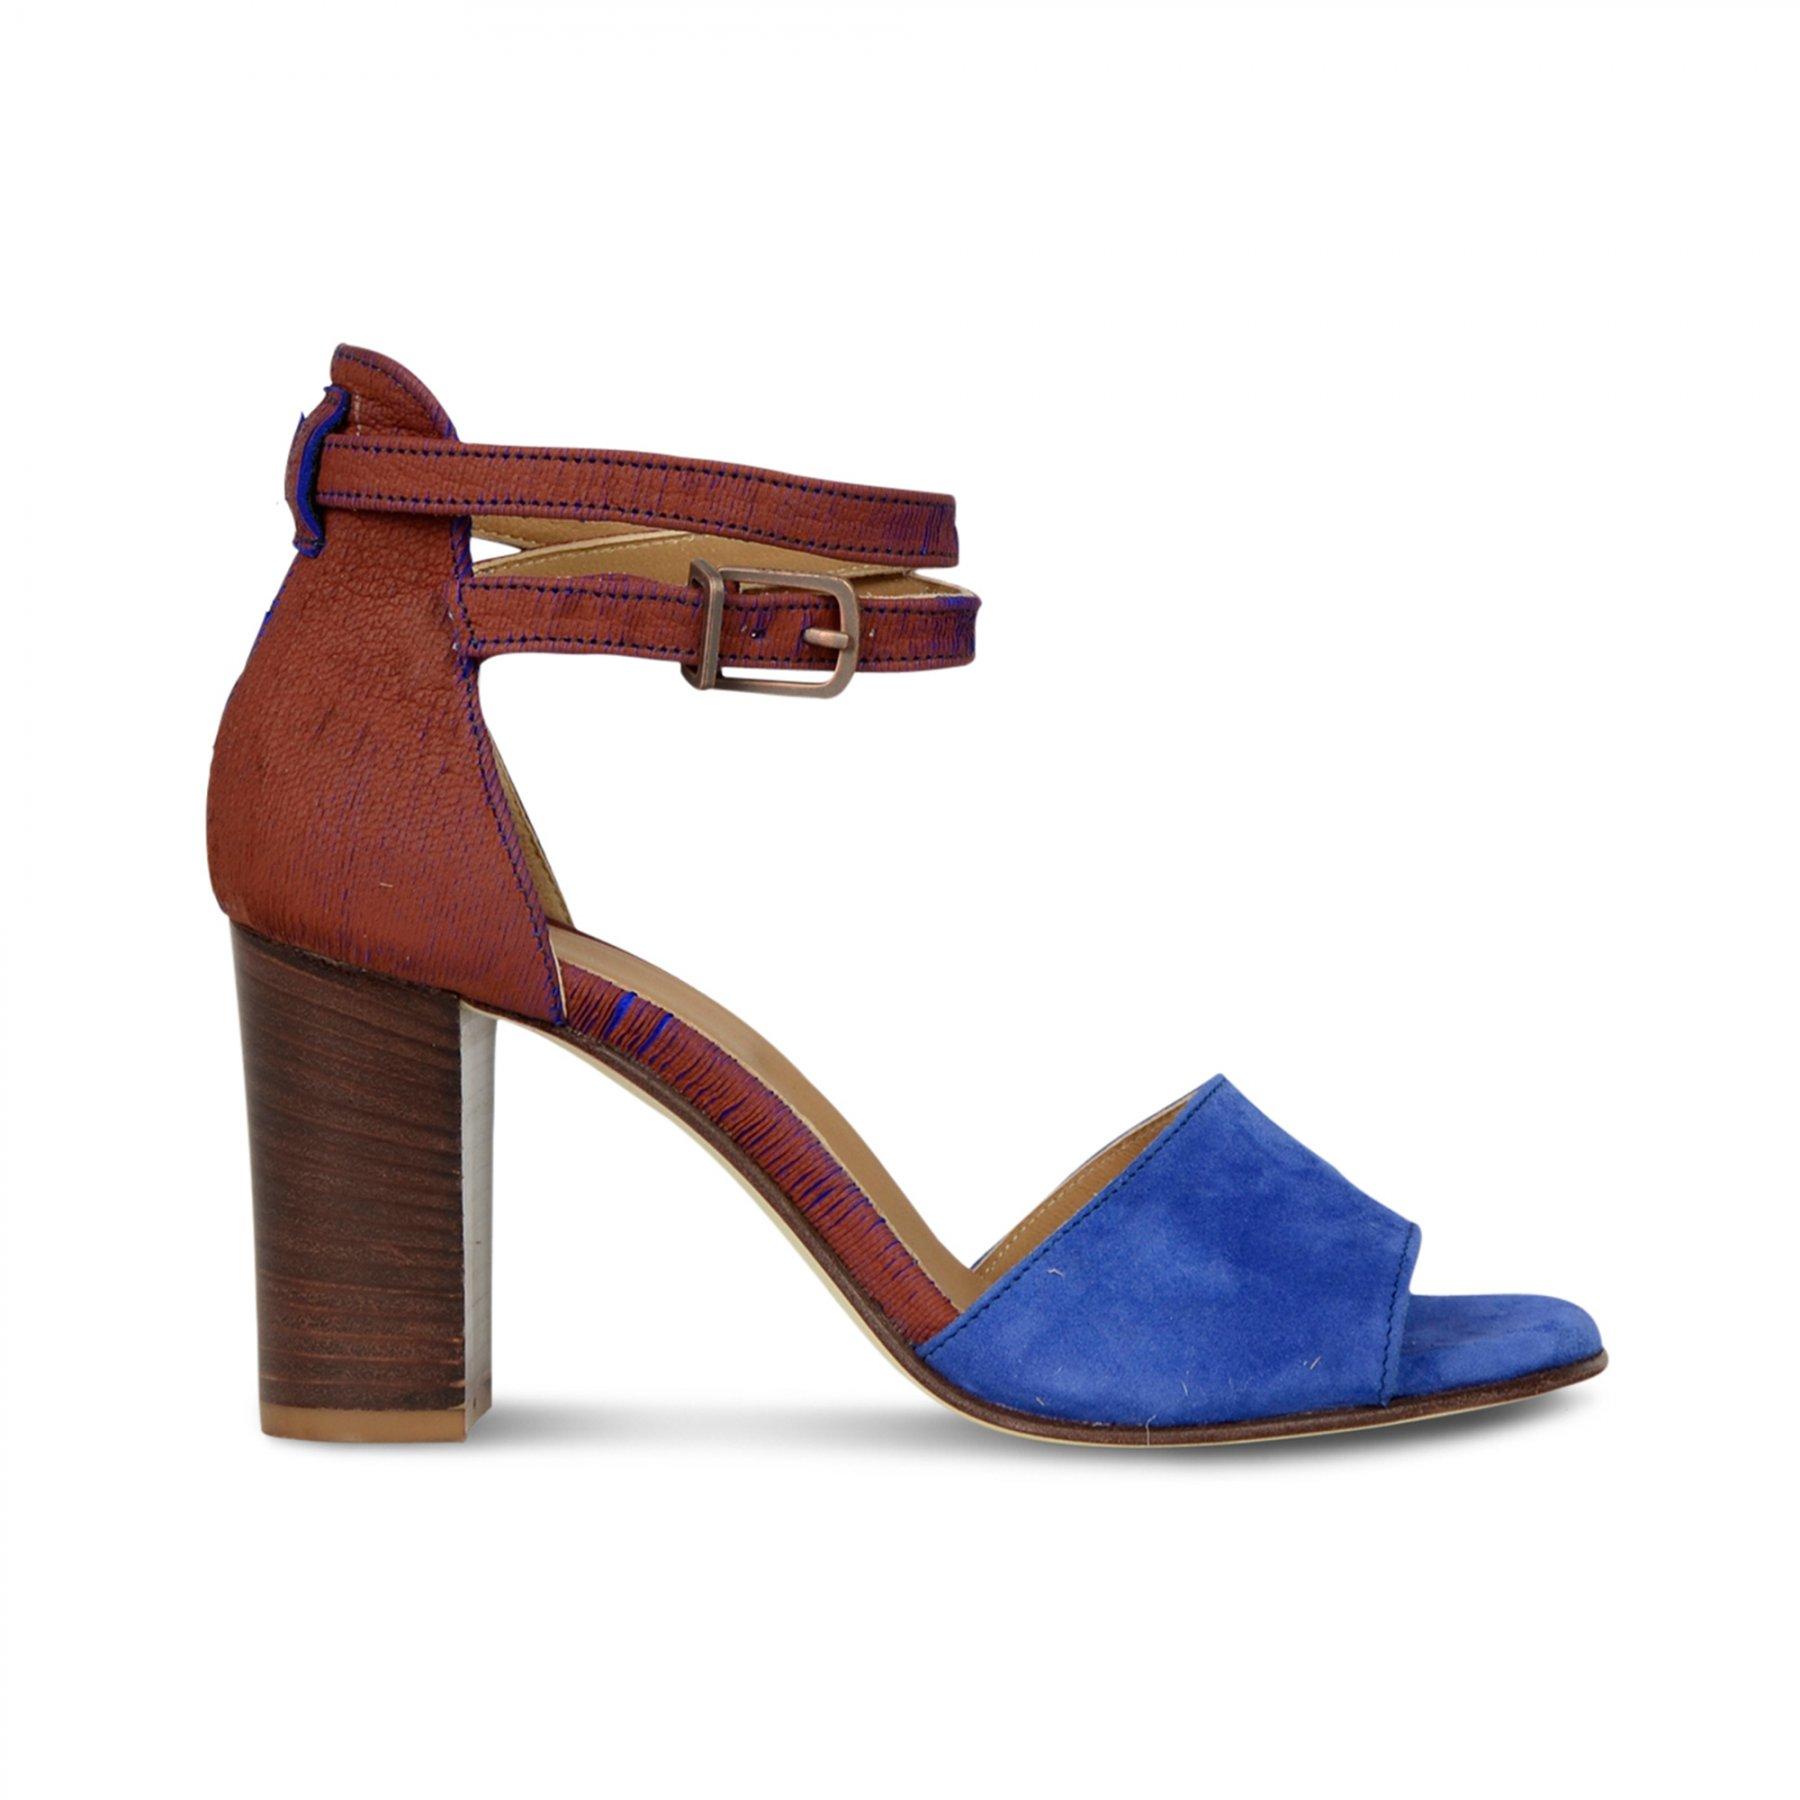 Cobalt blauw met cognac dames sandaal met hak Fred de la Bretoniere - 163010017